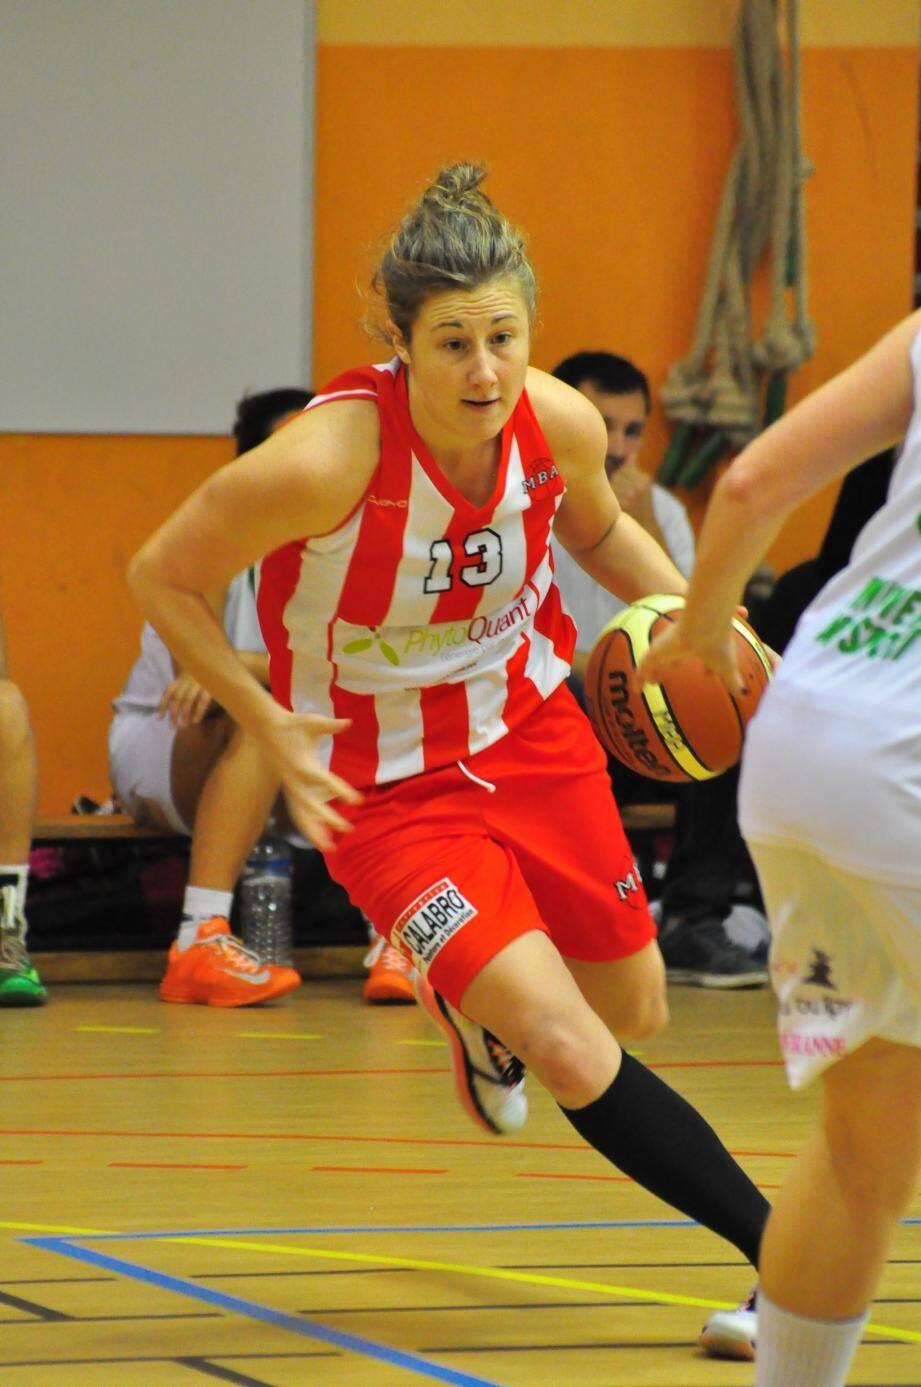 Candice Facchini et ses coéquipières ont survolé leur premier match de play off joué le week-end dernier en Vendée.